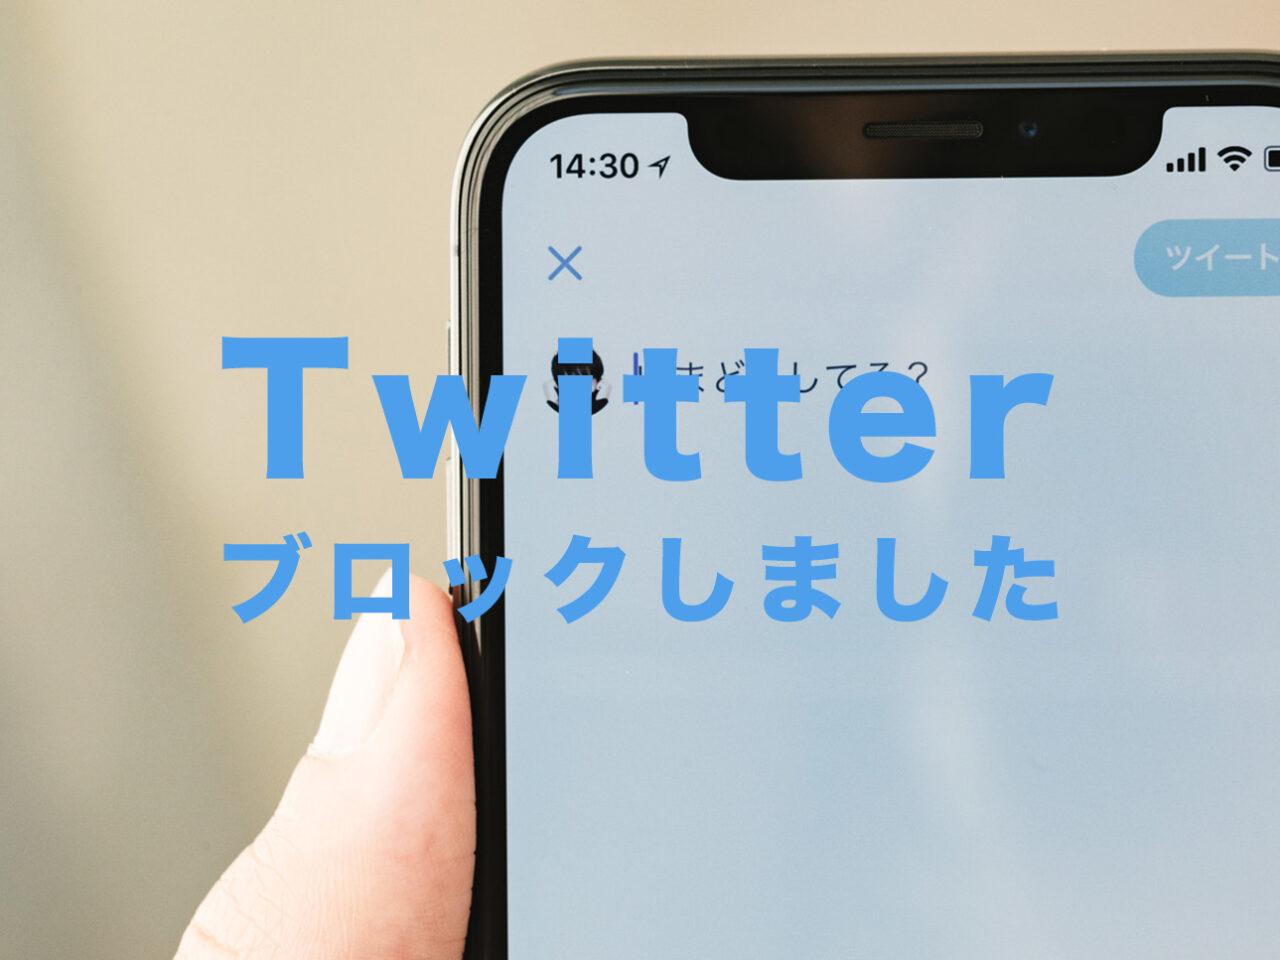 Twitterで「〜さんはあなたをブロックしました」が出る!消す&非表示にすることはできる?のサムネイル画像